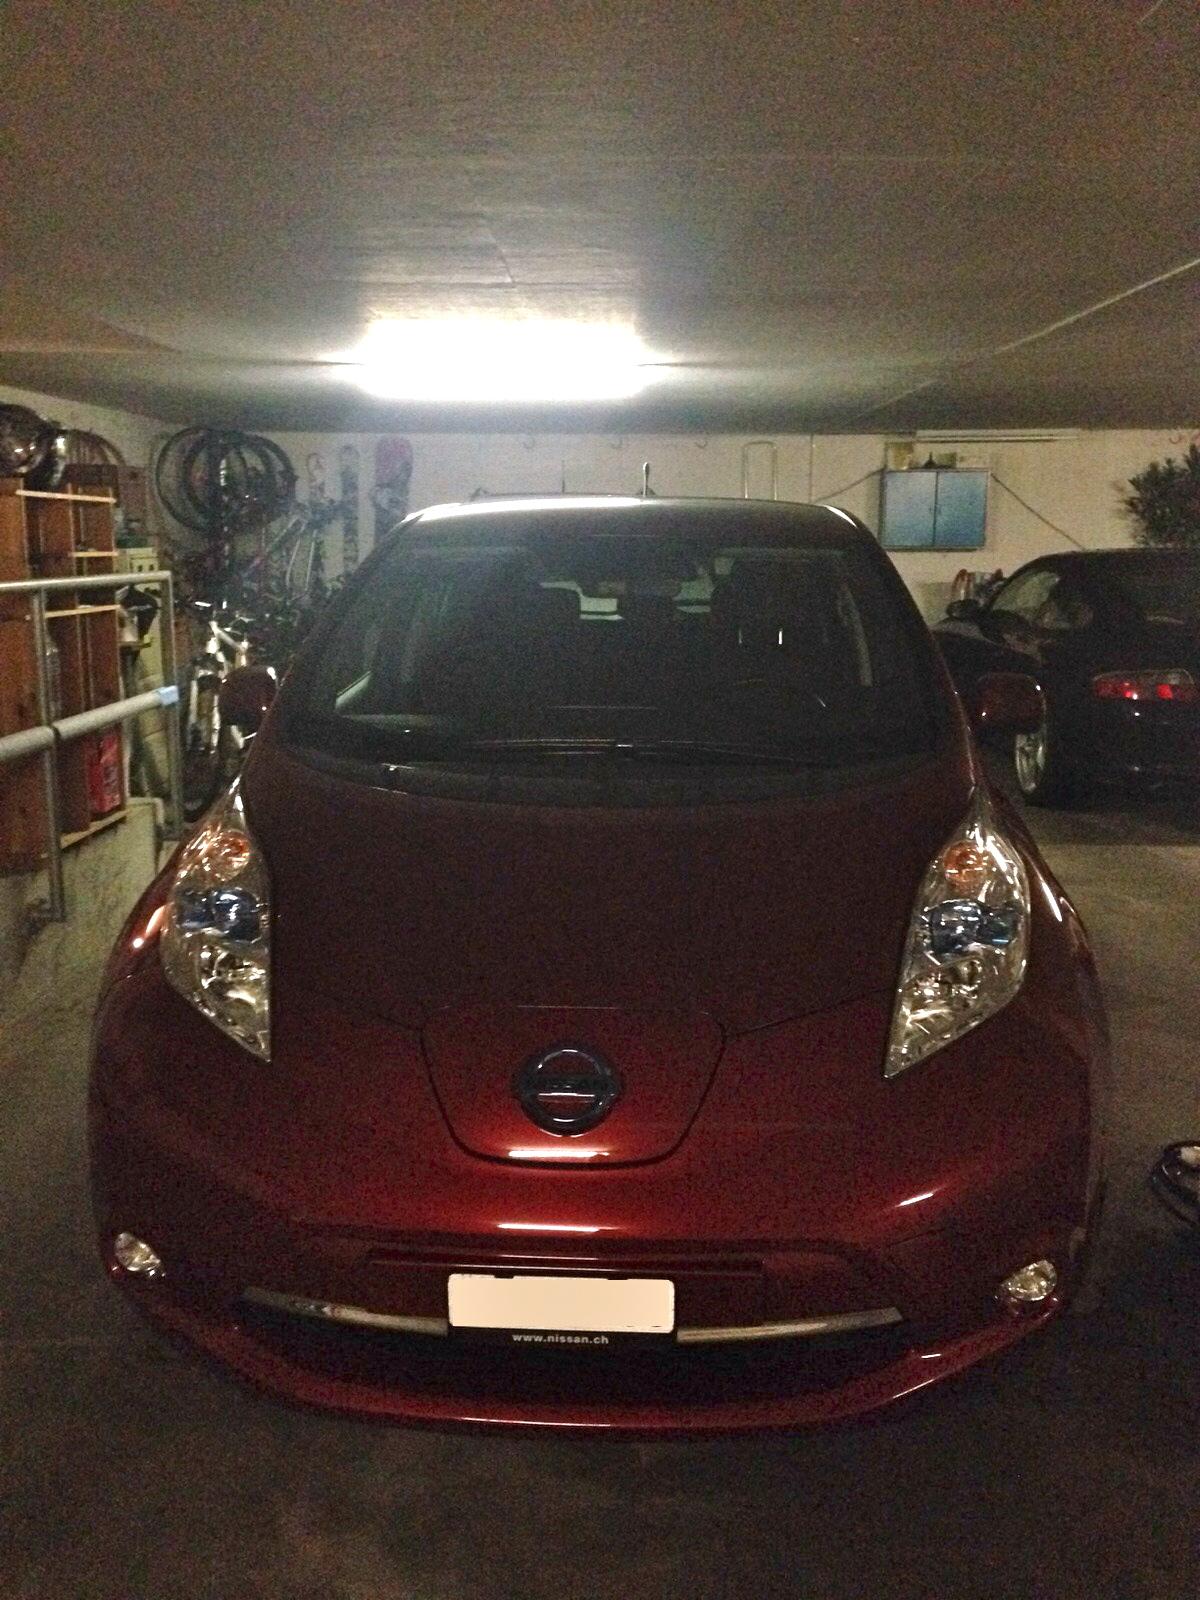 Nissan Leaf front side